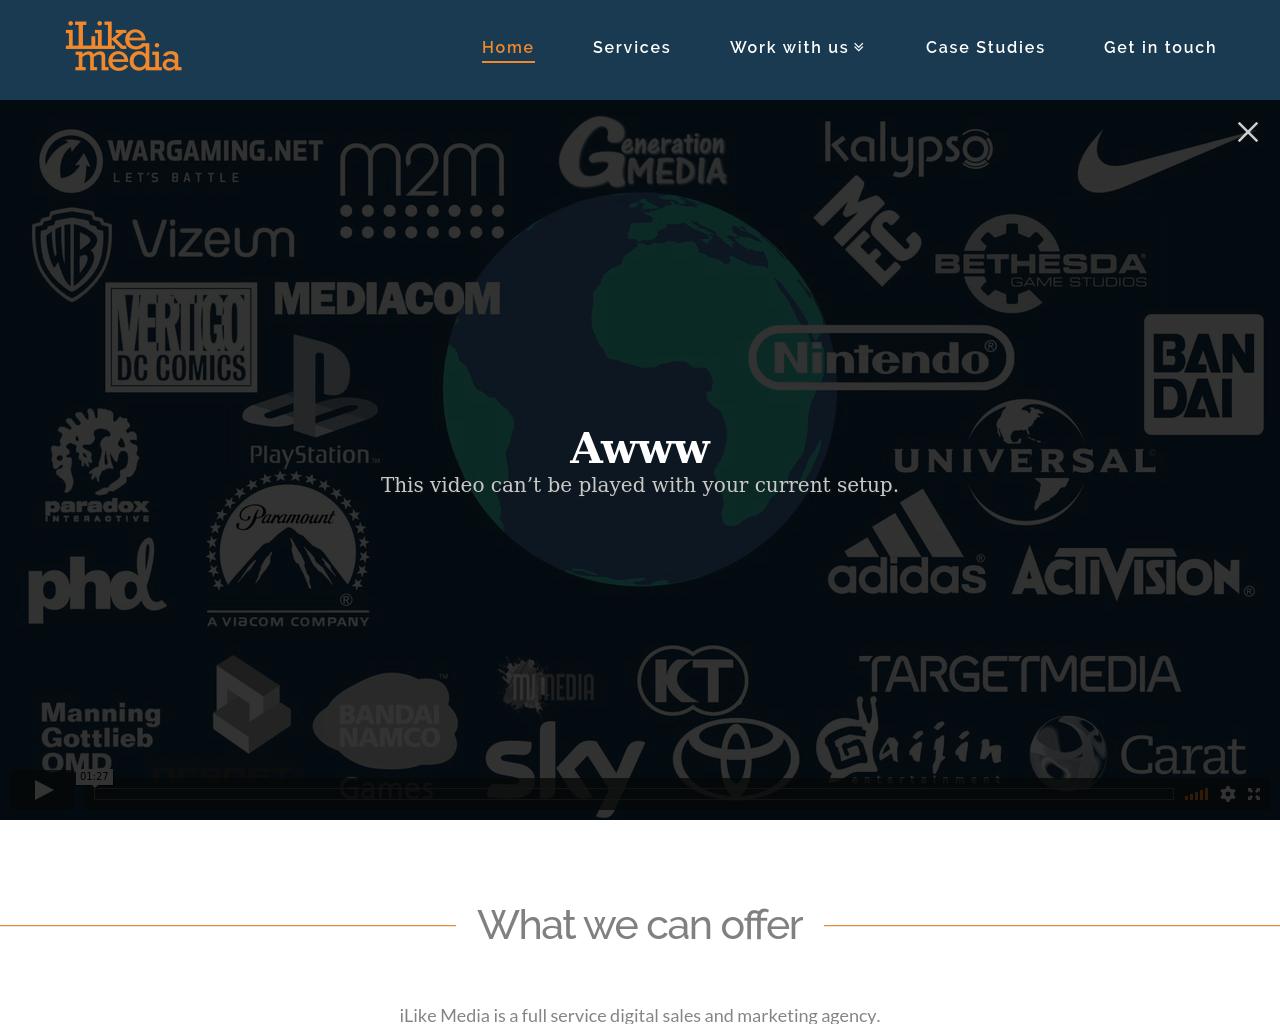 ILikeMedia-Advertising-Reviews-Pricing